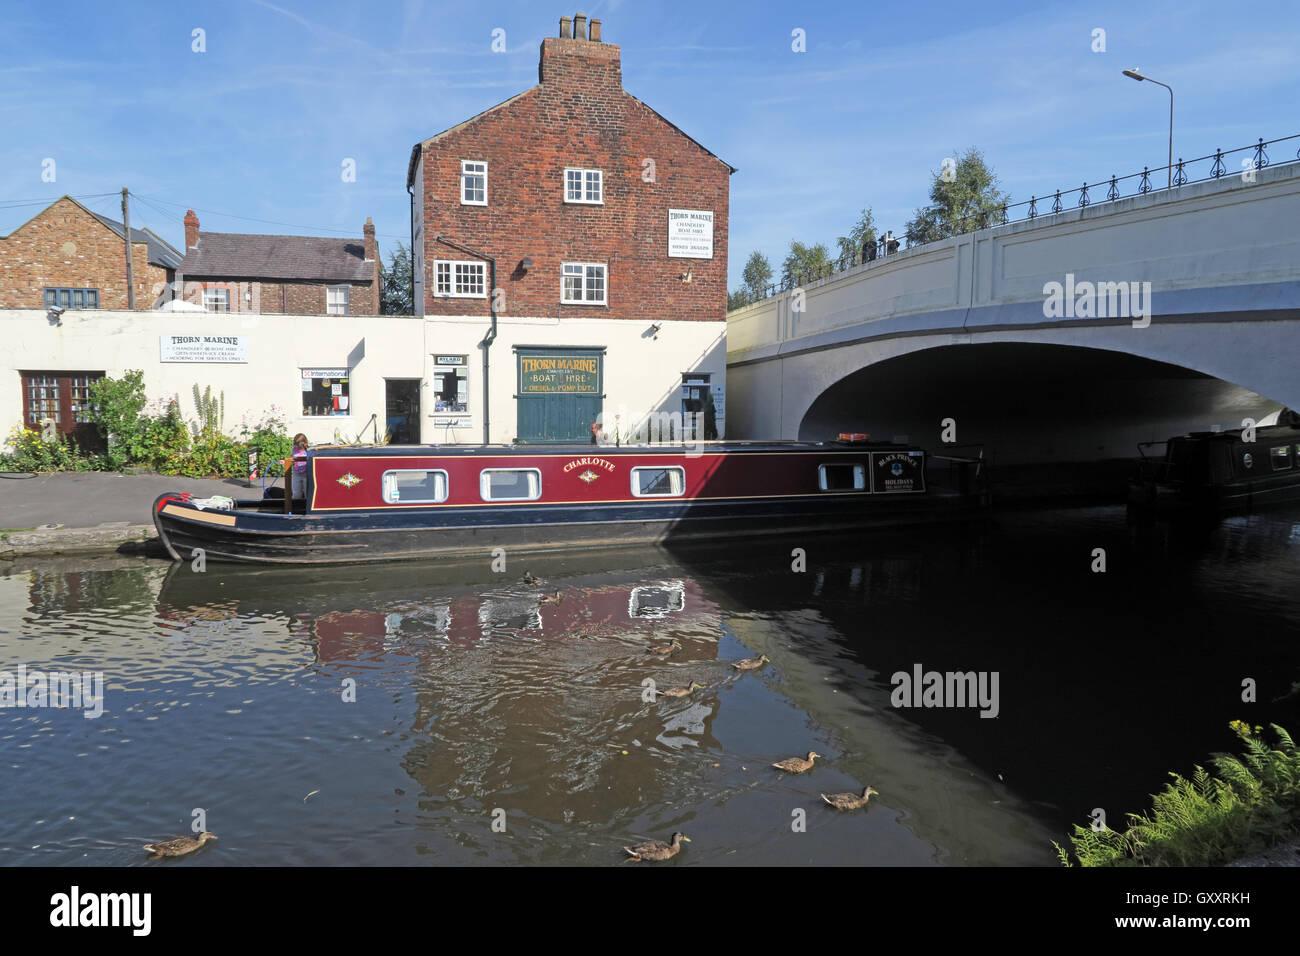 Laden Sie dieses Alamy Stockfoto Dorn-Marine-Werft und Shop, Stockton Heath, Warrington, England - GXXRKH